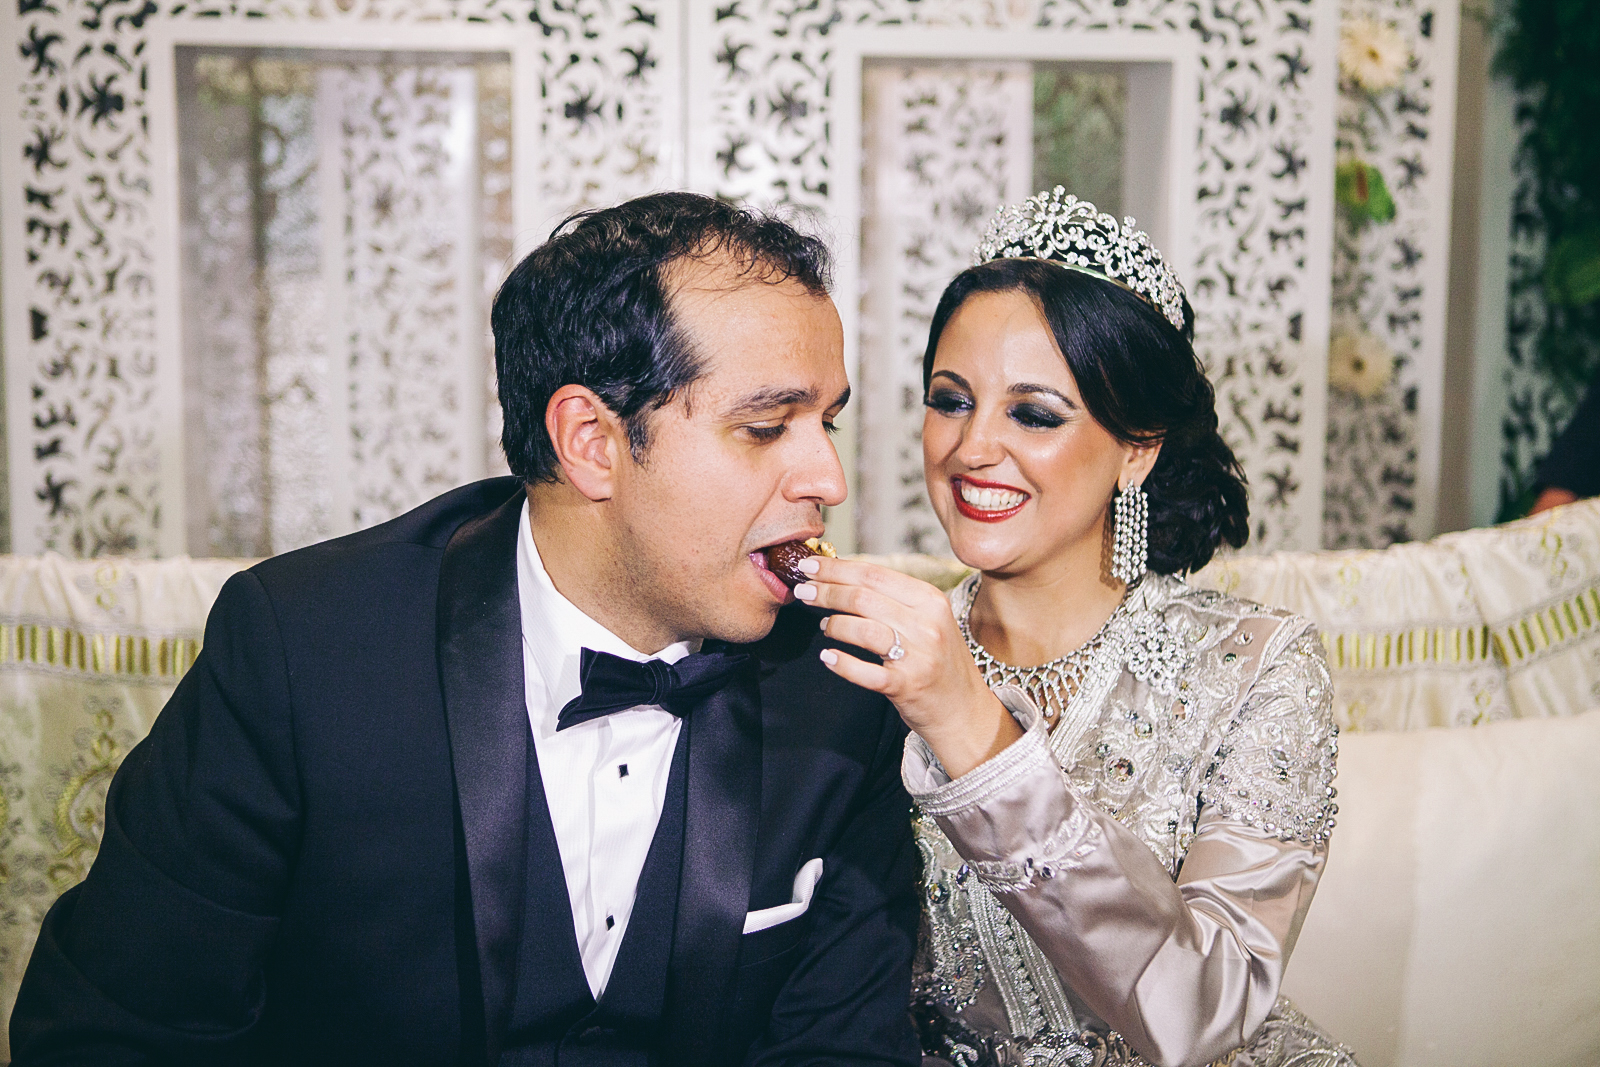 traditional_moroccan_wedding_photographry_casablanca_morocco_houda_vivek_ebony_siovhan_bokeh_photography_089.jpg